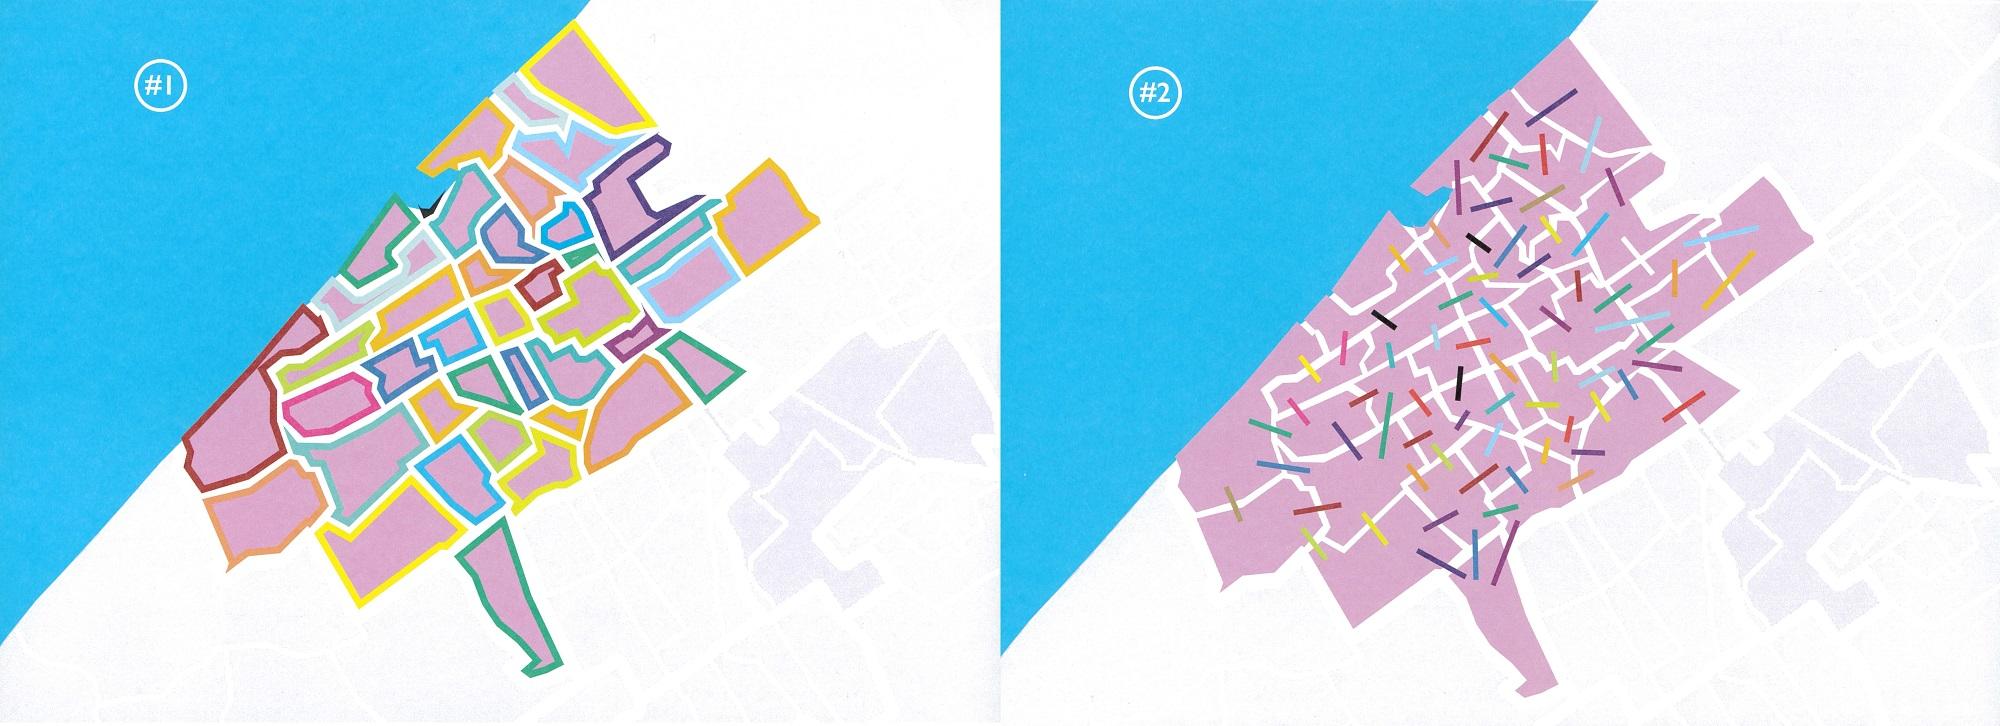 Kaarten met wijken en verbindingen in Den Haag